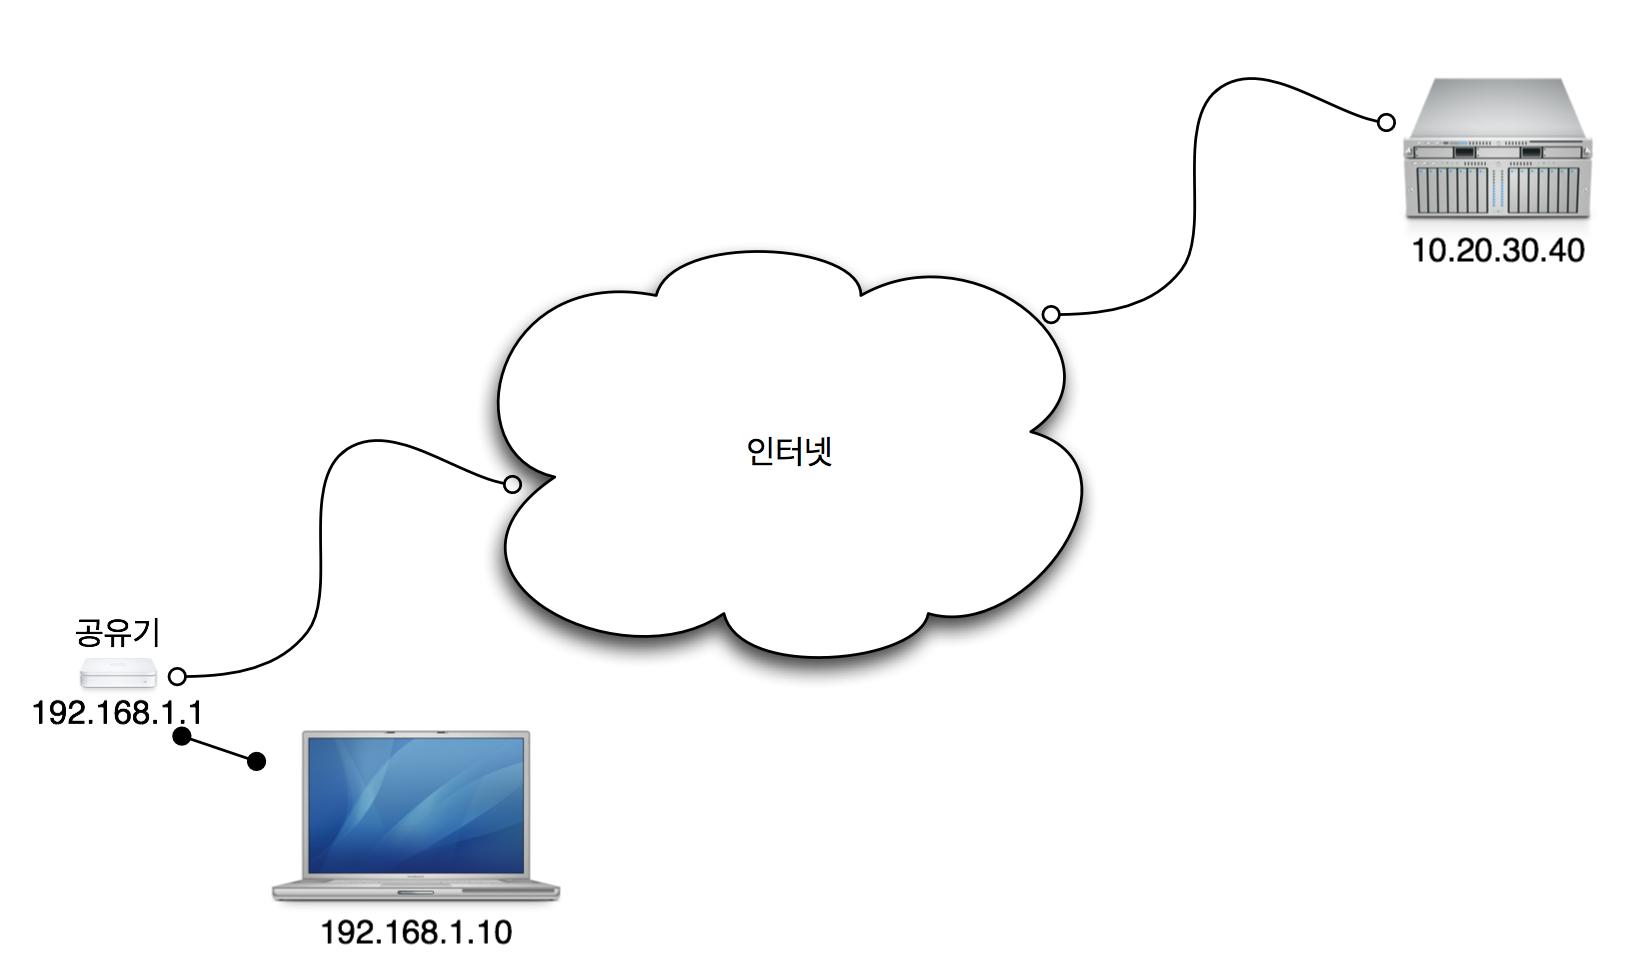 리눅스 ssh 접속